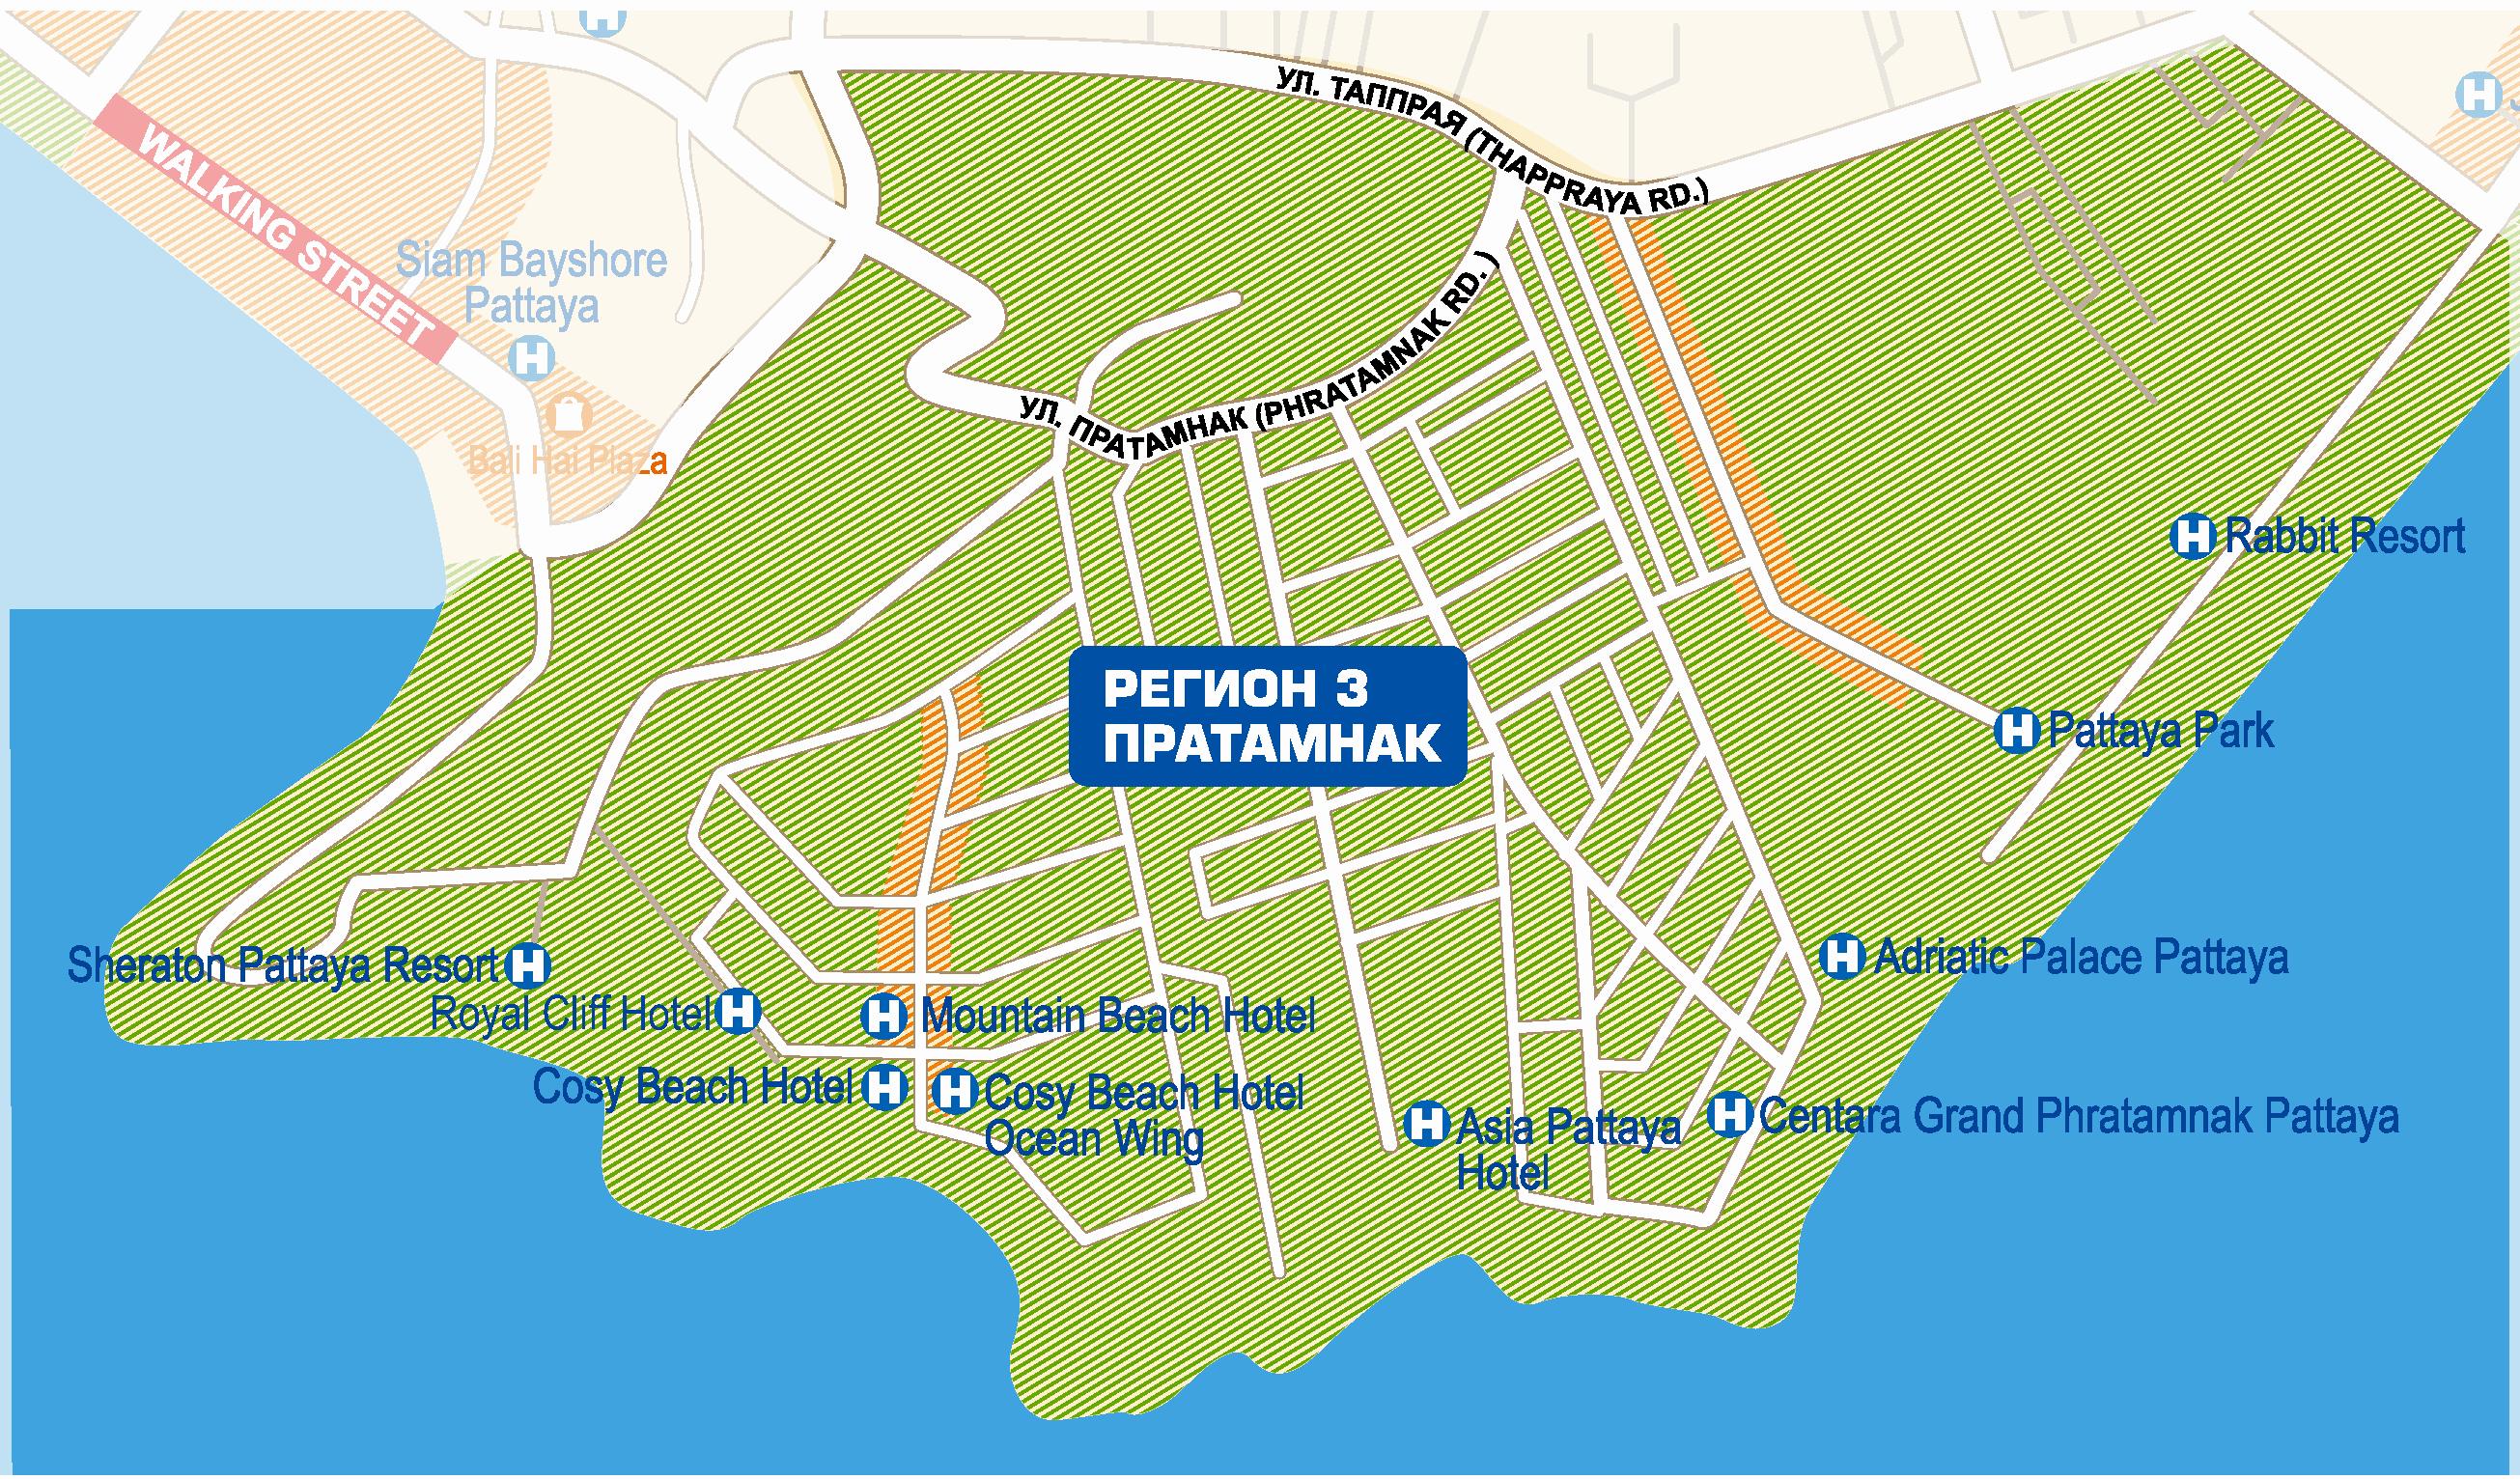 Карта Пратамнака с отелями